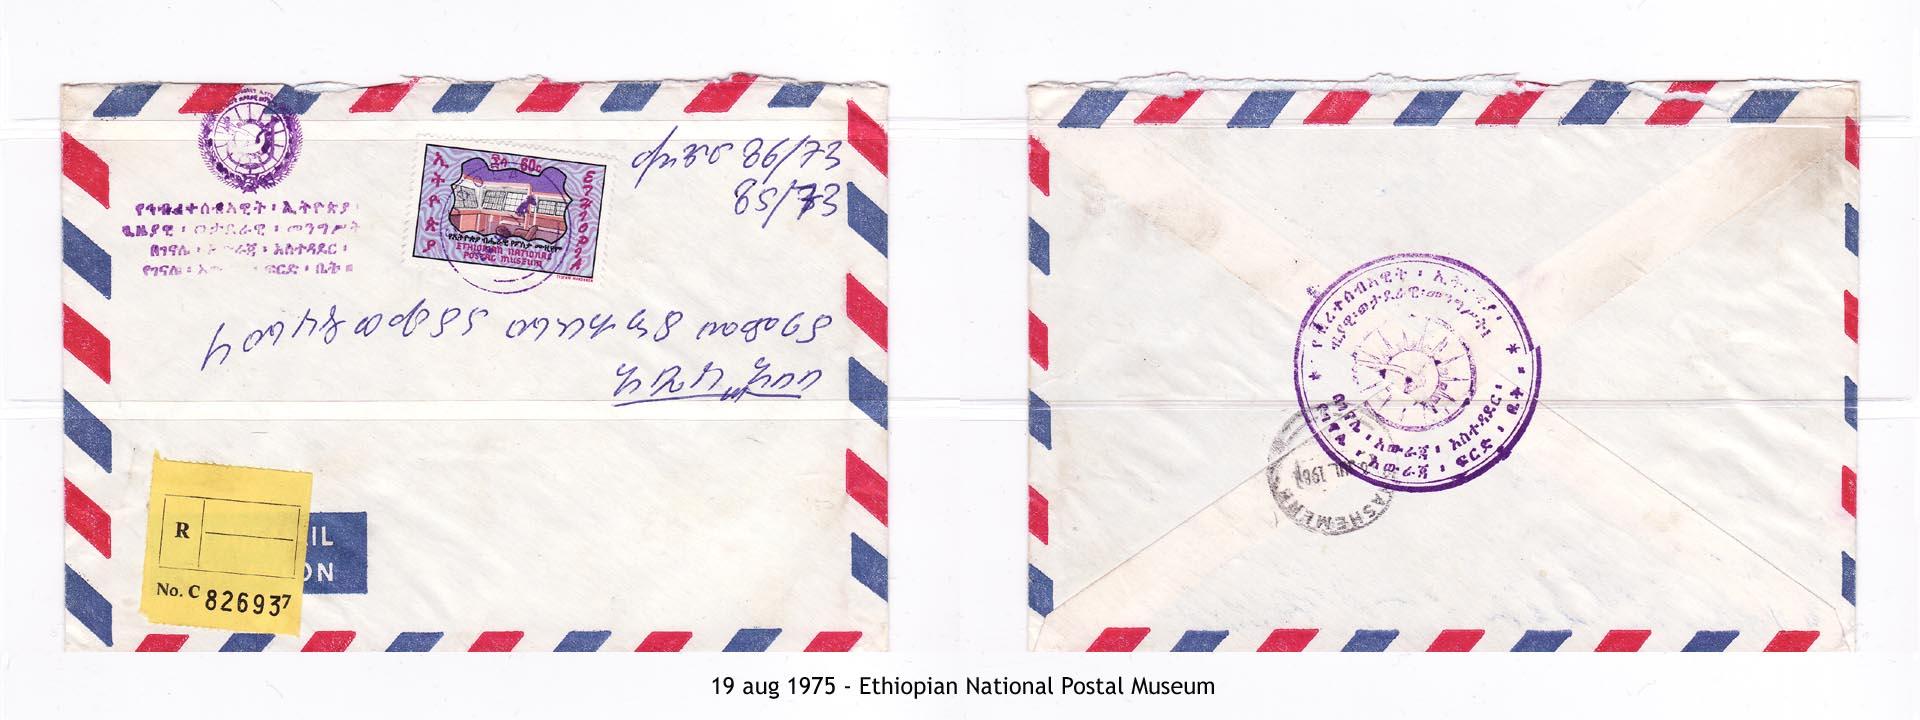 19750819 - Ethiopian National Postal Museum